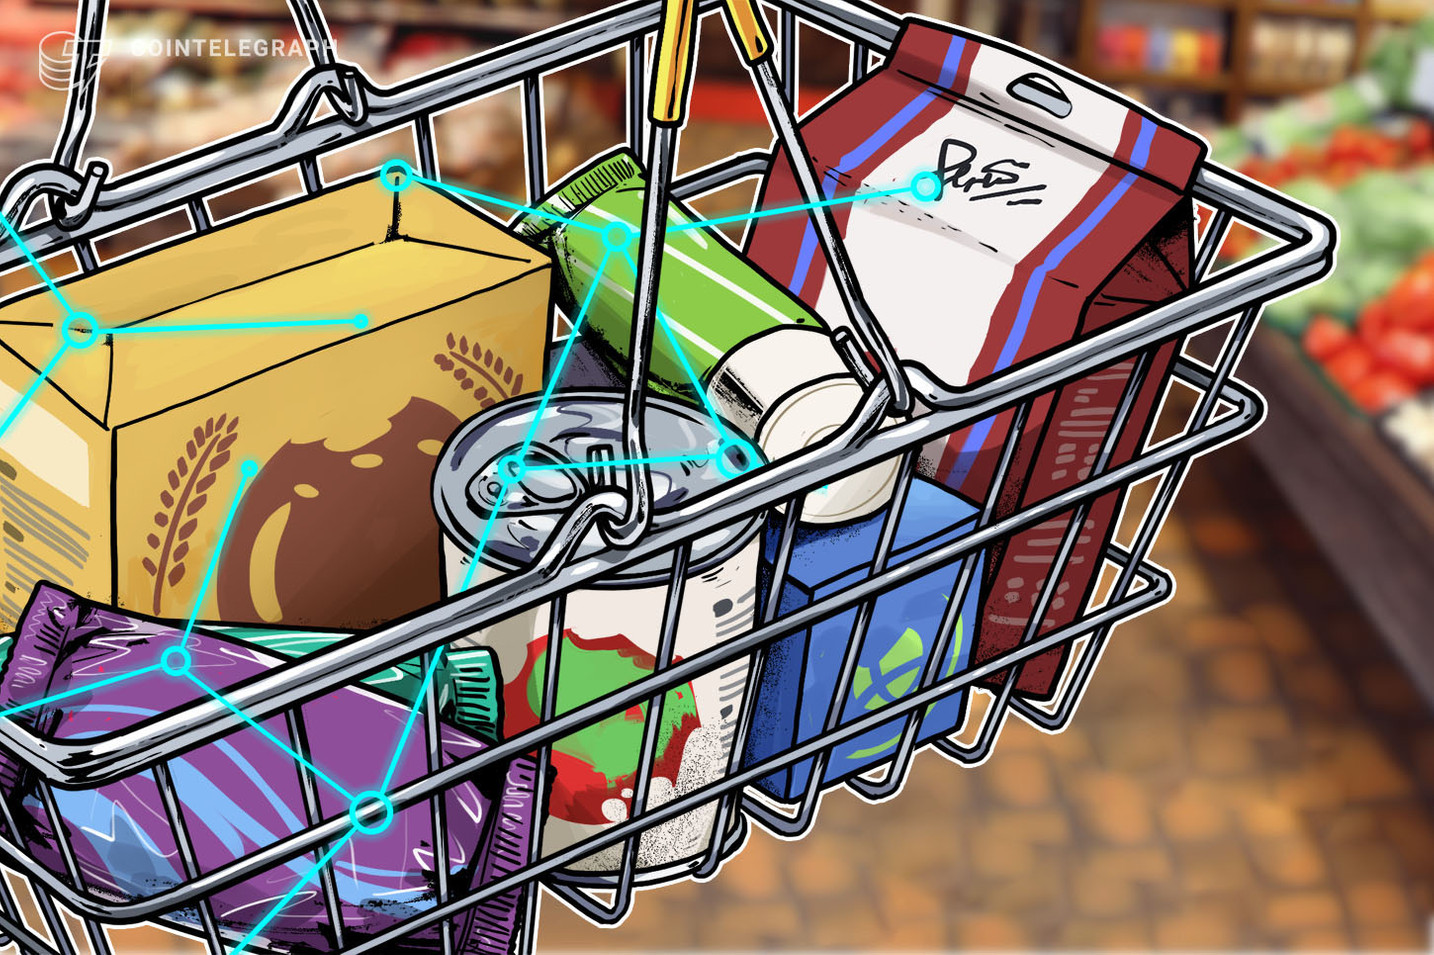 FDA dos EUA realiza reunião sobre Blockchain e IA para rastreio de alimentos